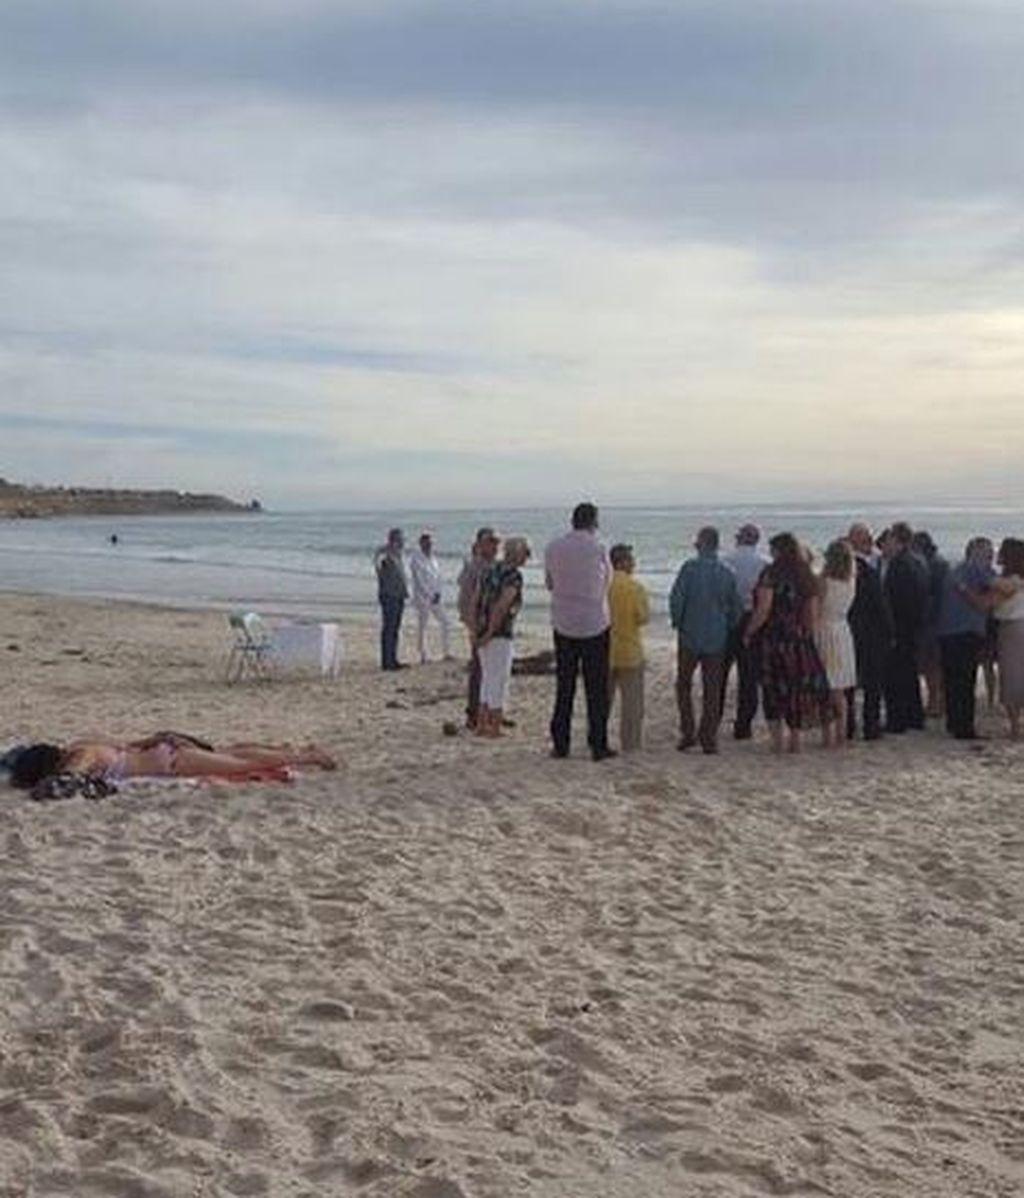 Se niega a moverse mientras toma el sol al lado de una boda en la playa